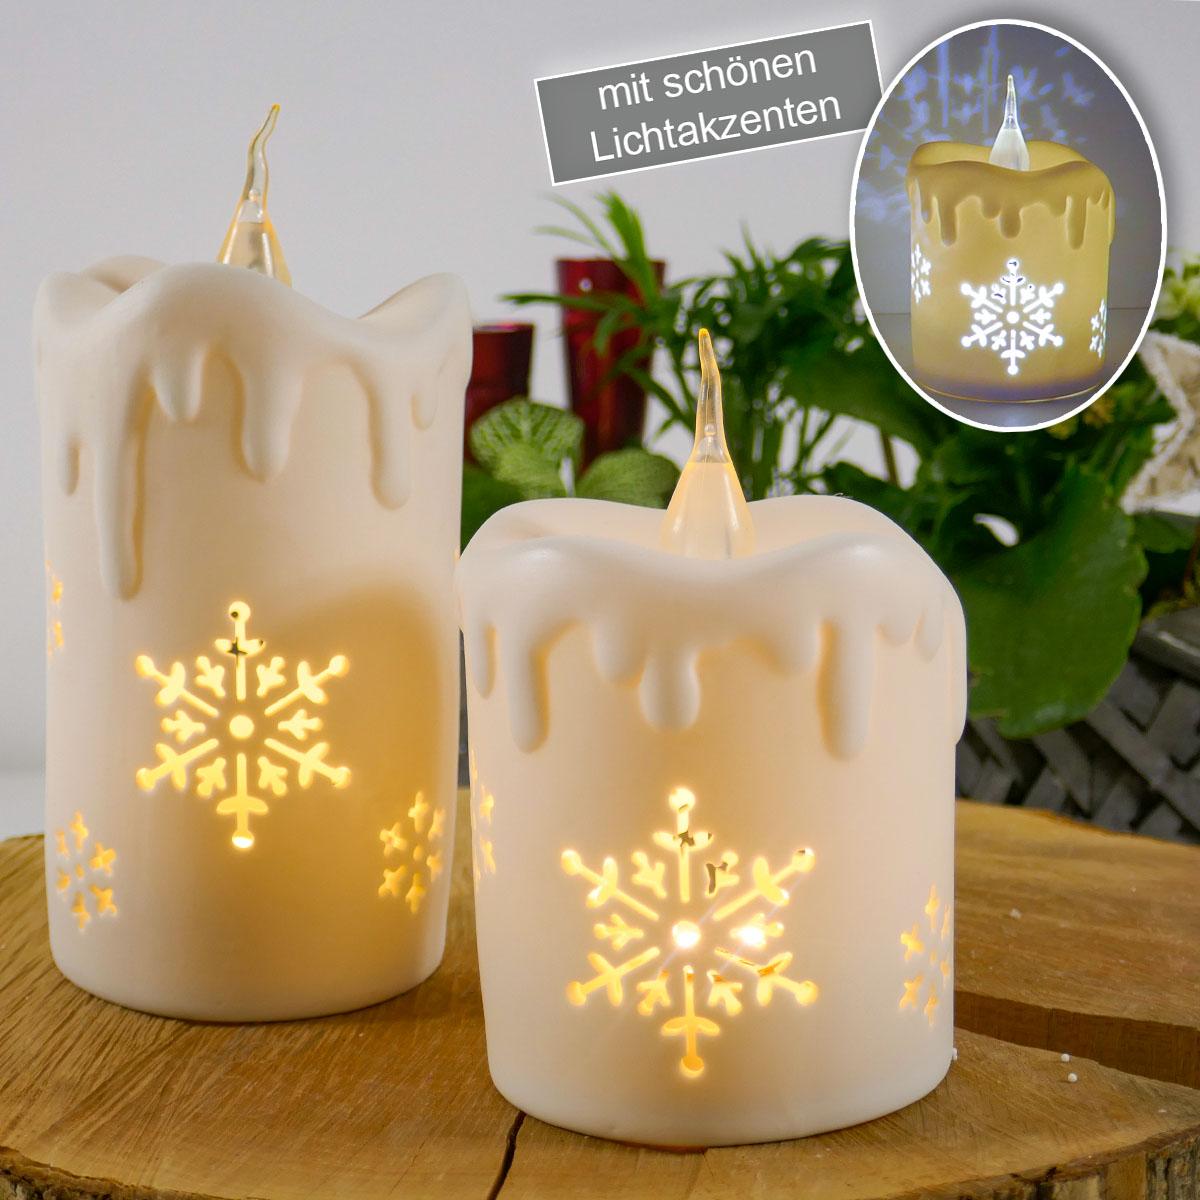 2er Set Kerzen mit LED-Beleuchtung und Ausstanzungen Image